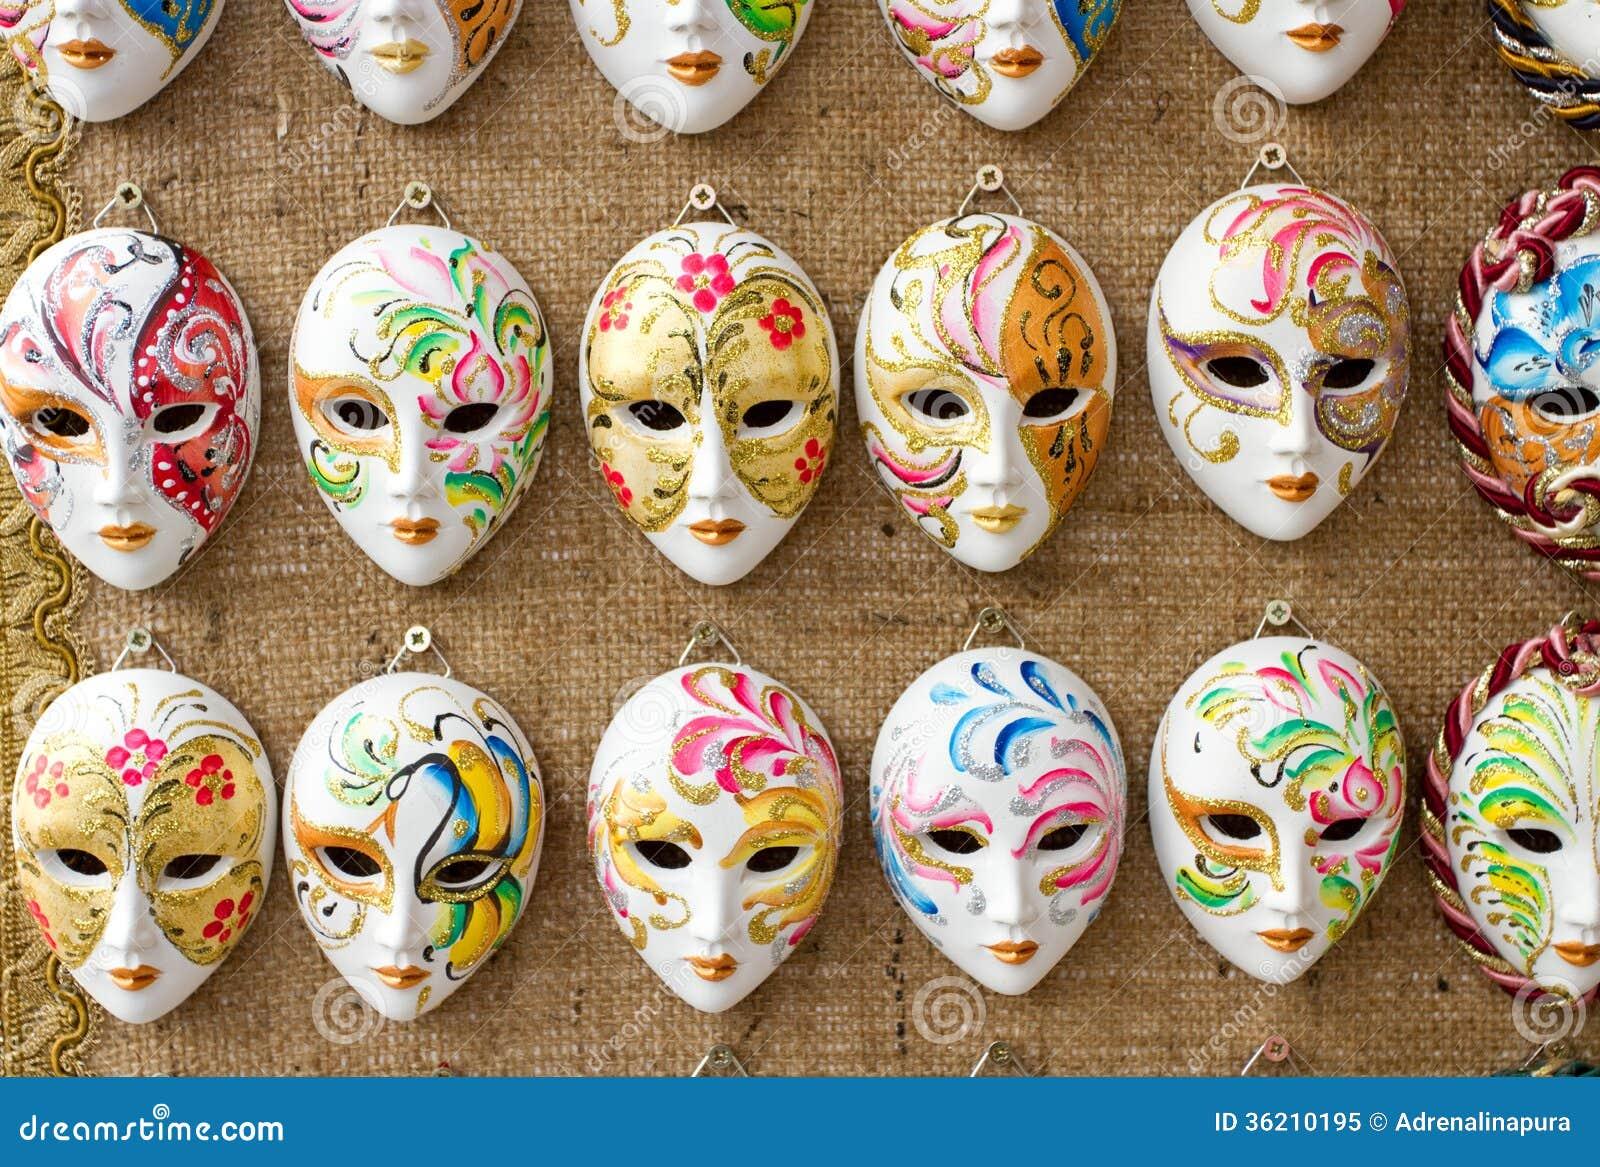 Masque v nitien photo libre de droits image 36210195 - Masque venitien decoration ...